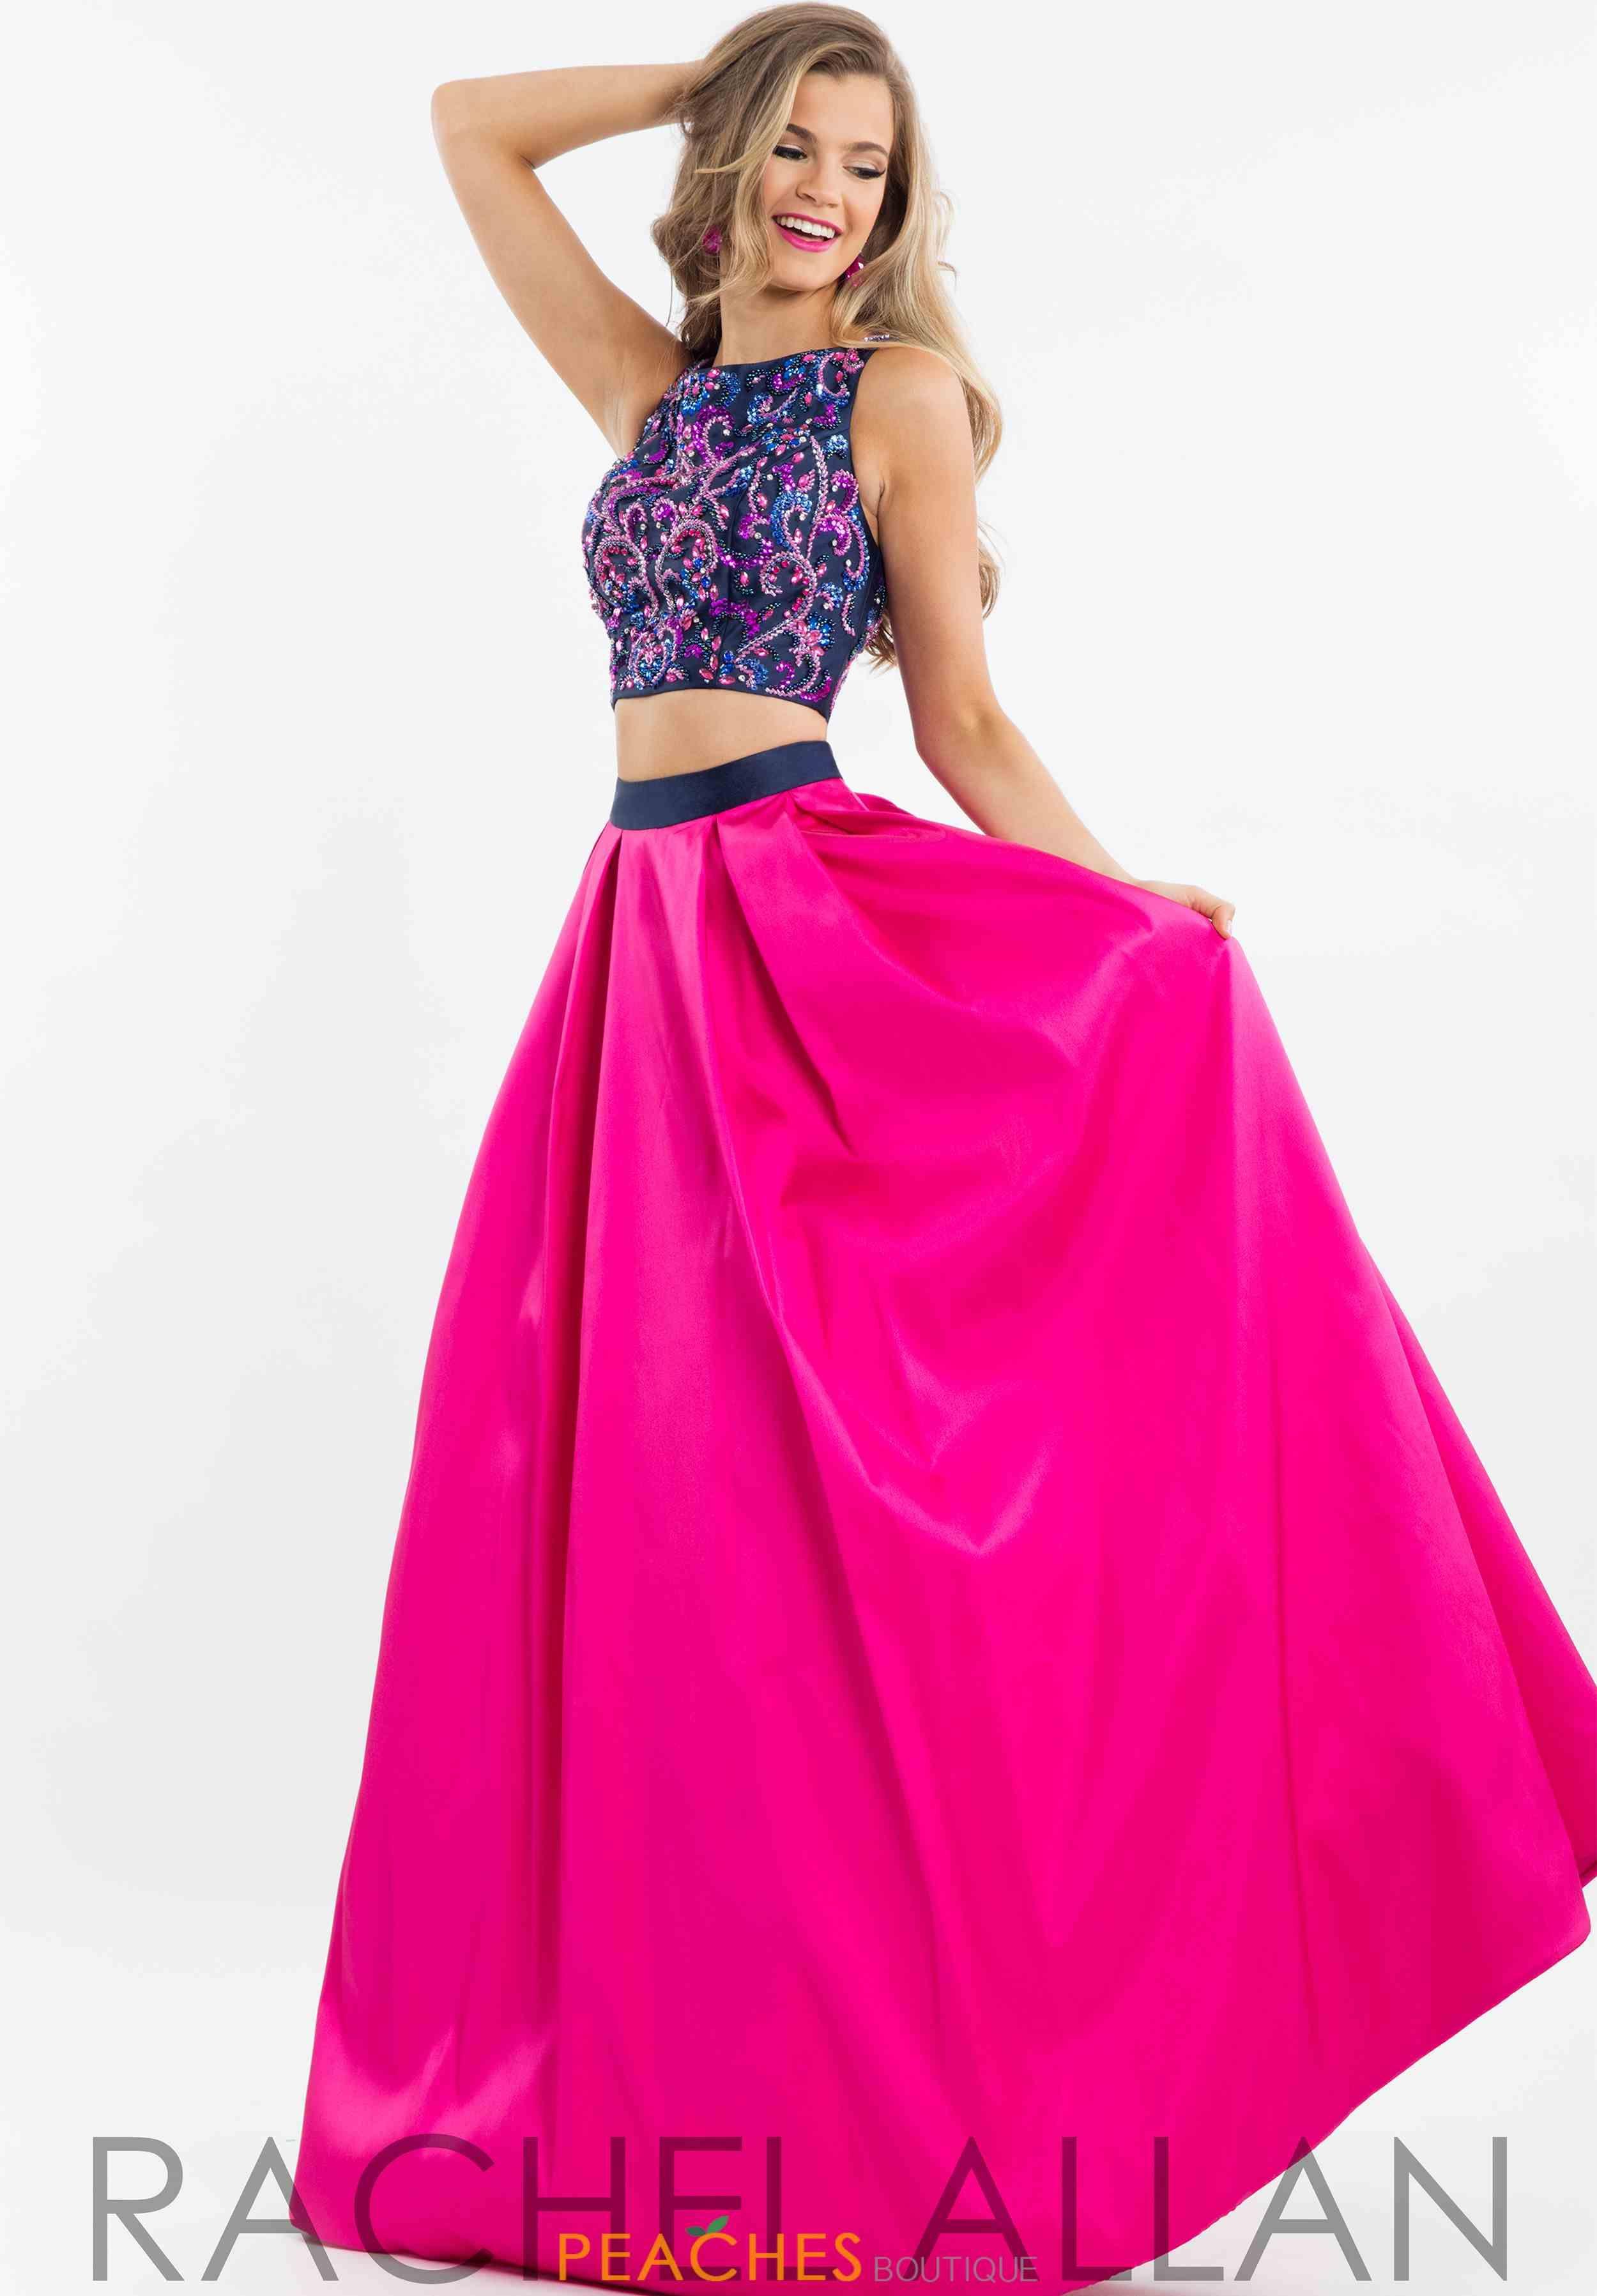 Rachel Allan Prom Dresses Peaches Boutique Prom Dresses Piece Prom Dress Dresses [ 3594 x 2500 Pixel ]